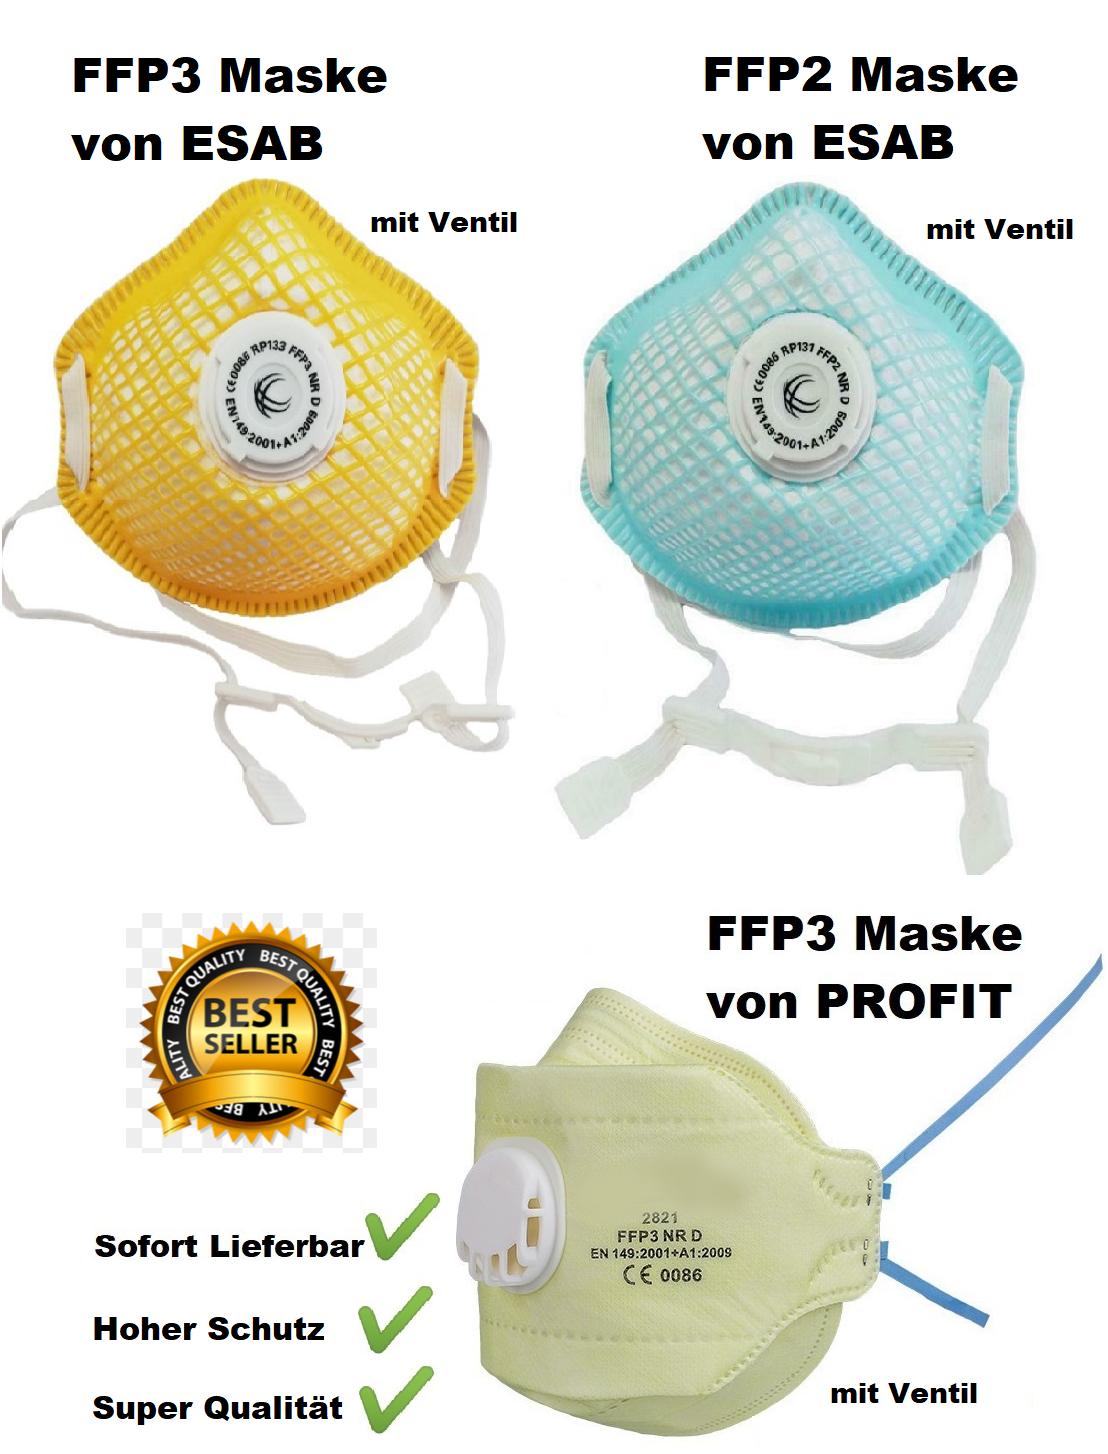 Coronavirus FFP2 Maske kaufen (lieferbare Atemschutzmasken)